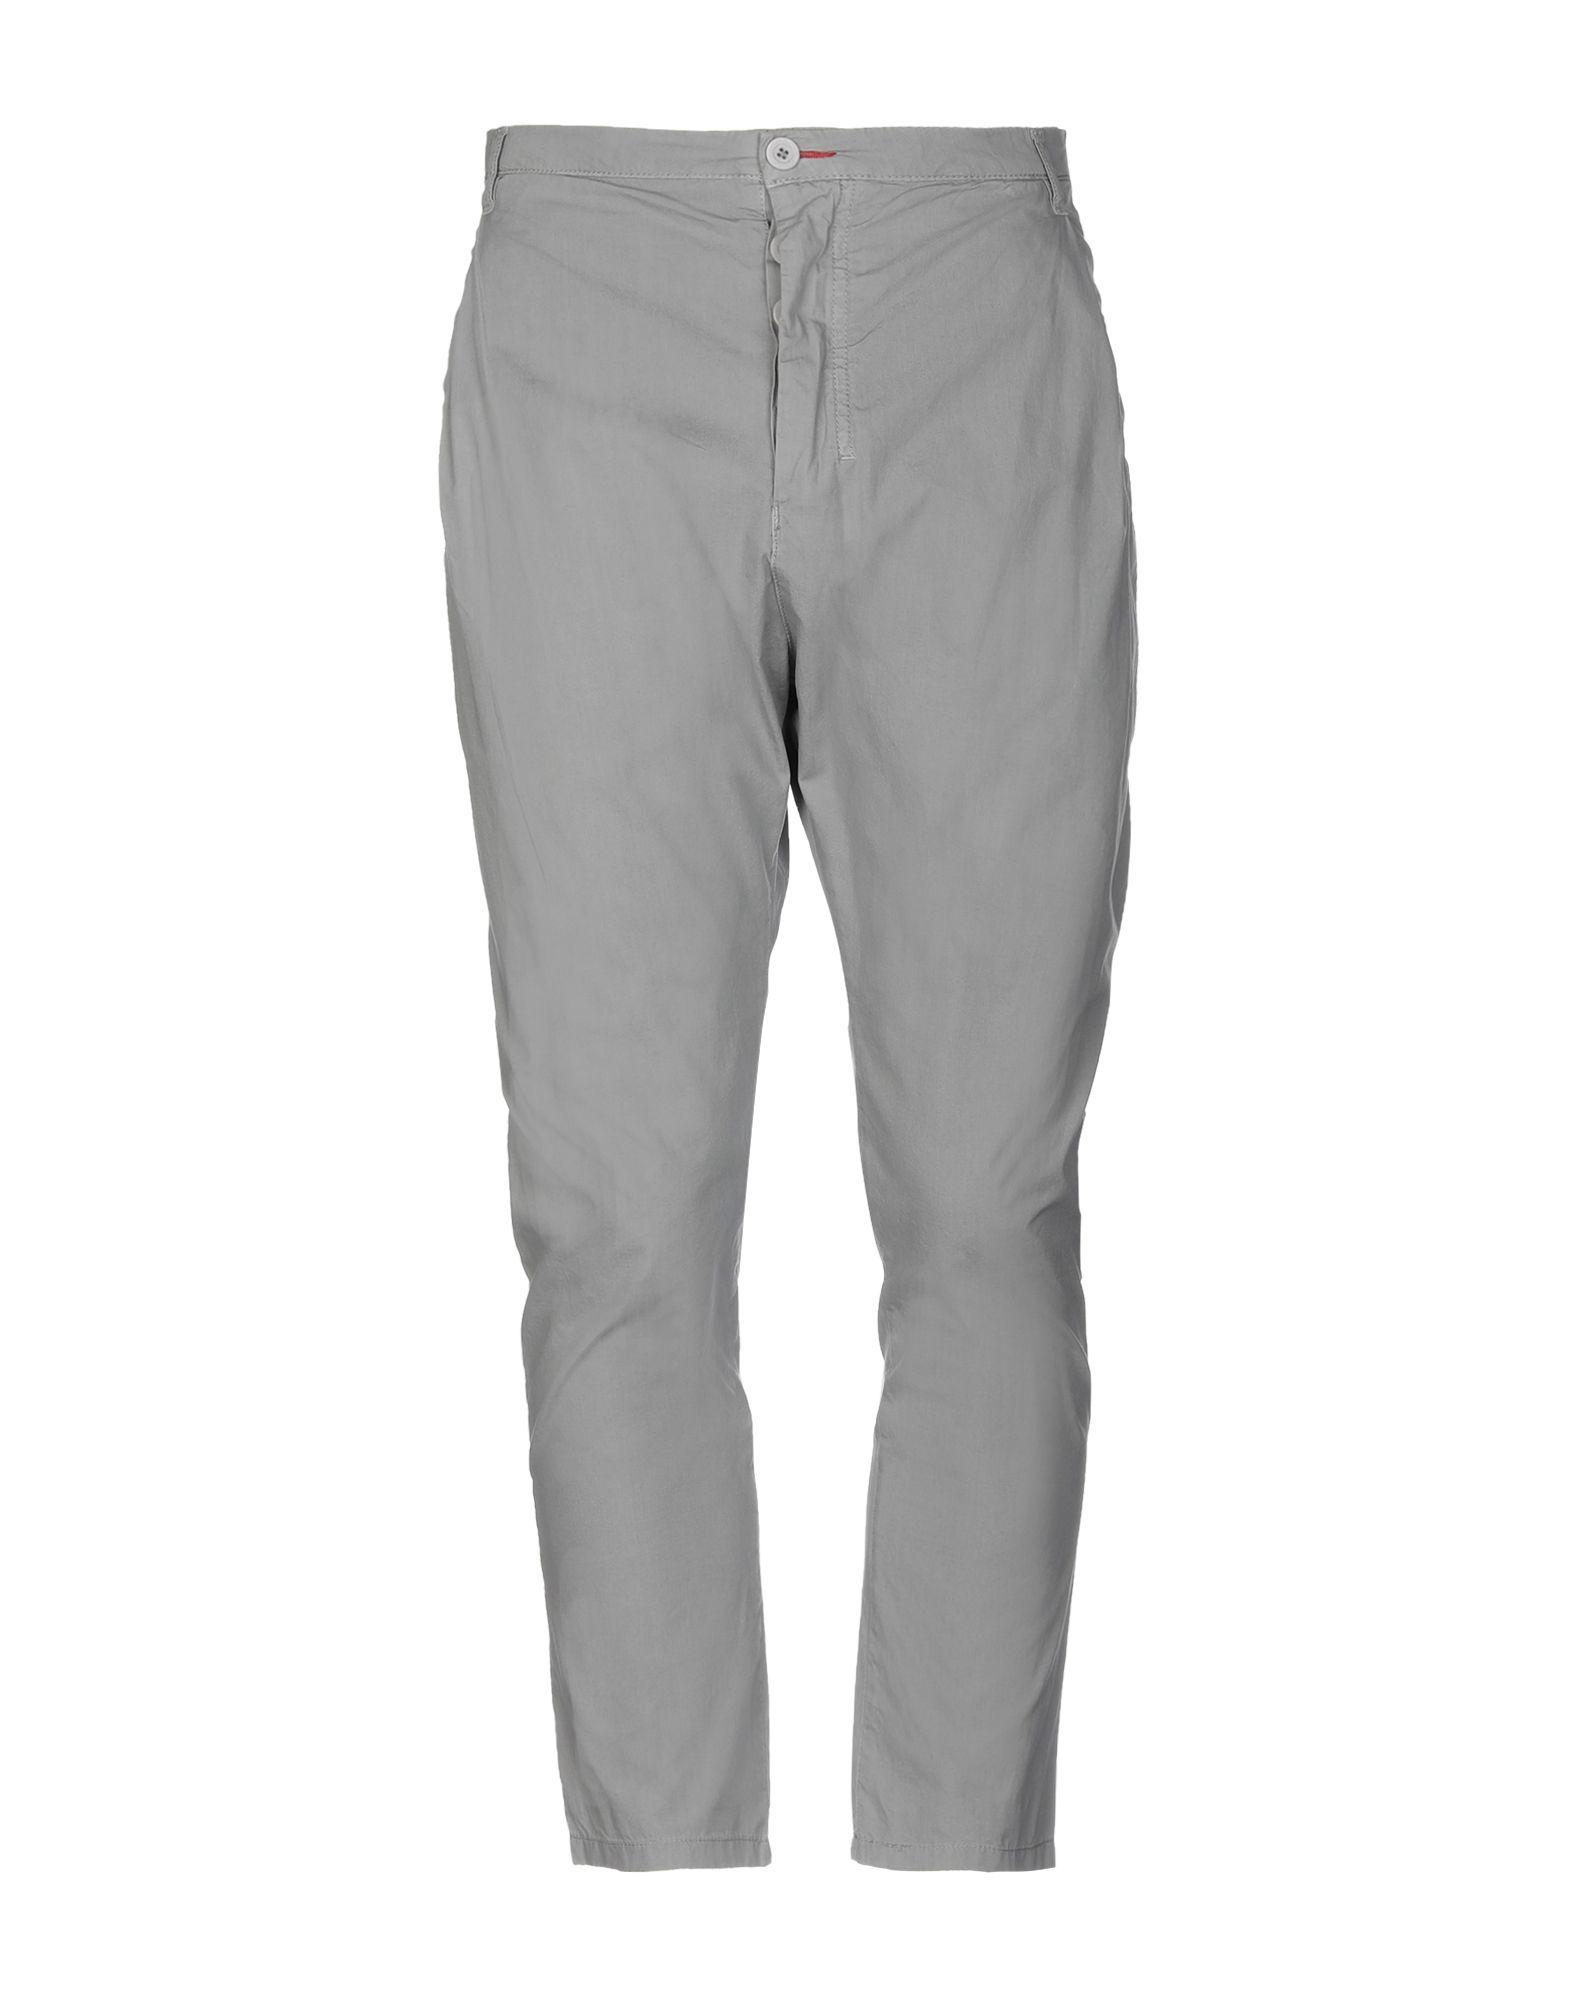 《期間限定セール開催中!》PAUL MIRANDA メンズ パンツ ライトグレー 48 コットン 100%